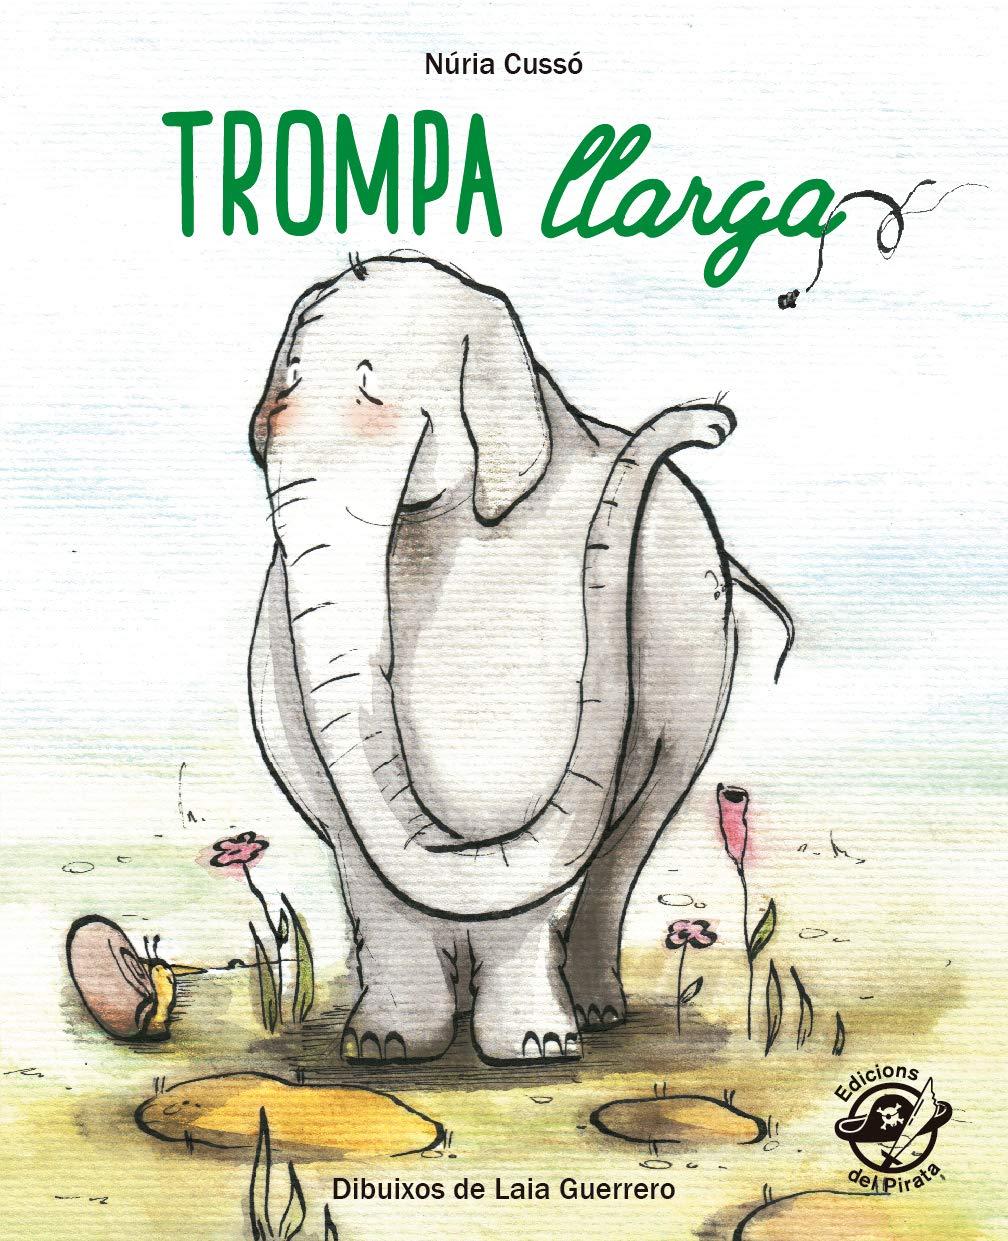 Amazon Fr Trompa Llarga En Lletra De Pal I Lletra Lligada Llibre Infantil Per Aprendre A Llegir En Català Cussó Grau Núria Guerrero Laia Livres